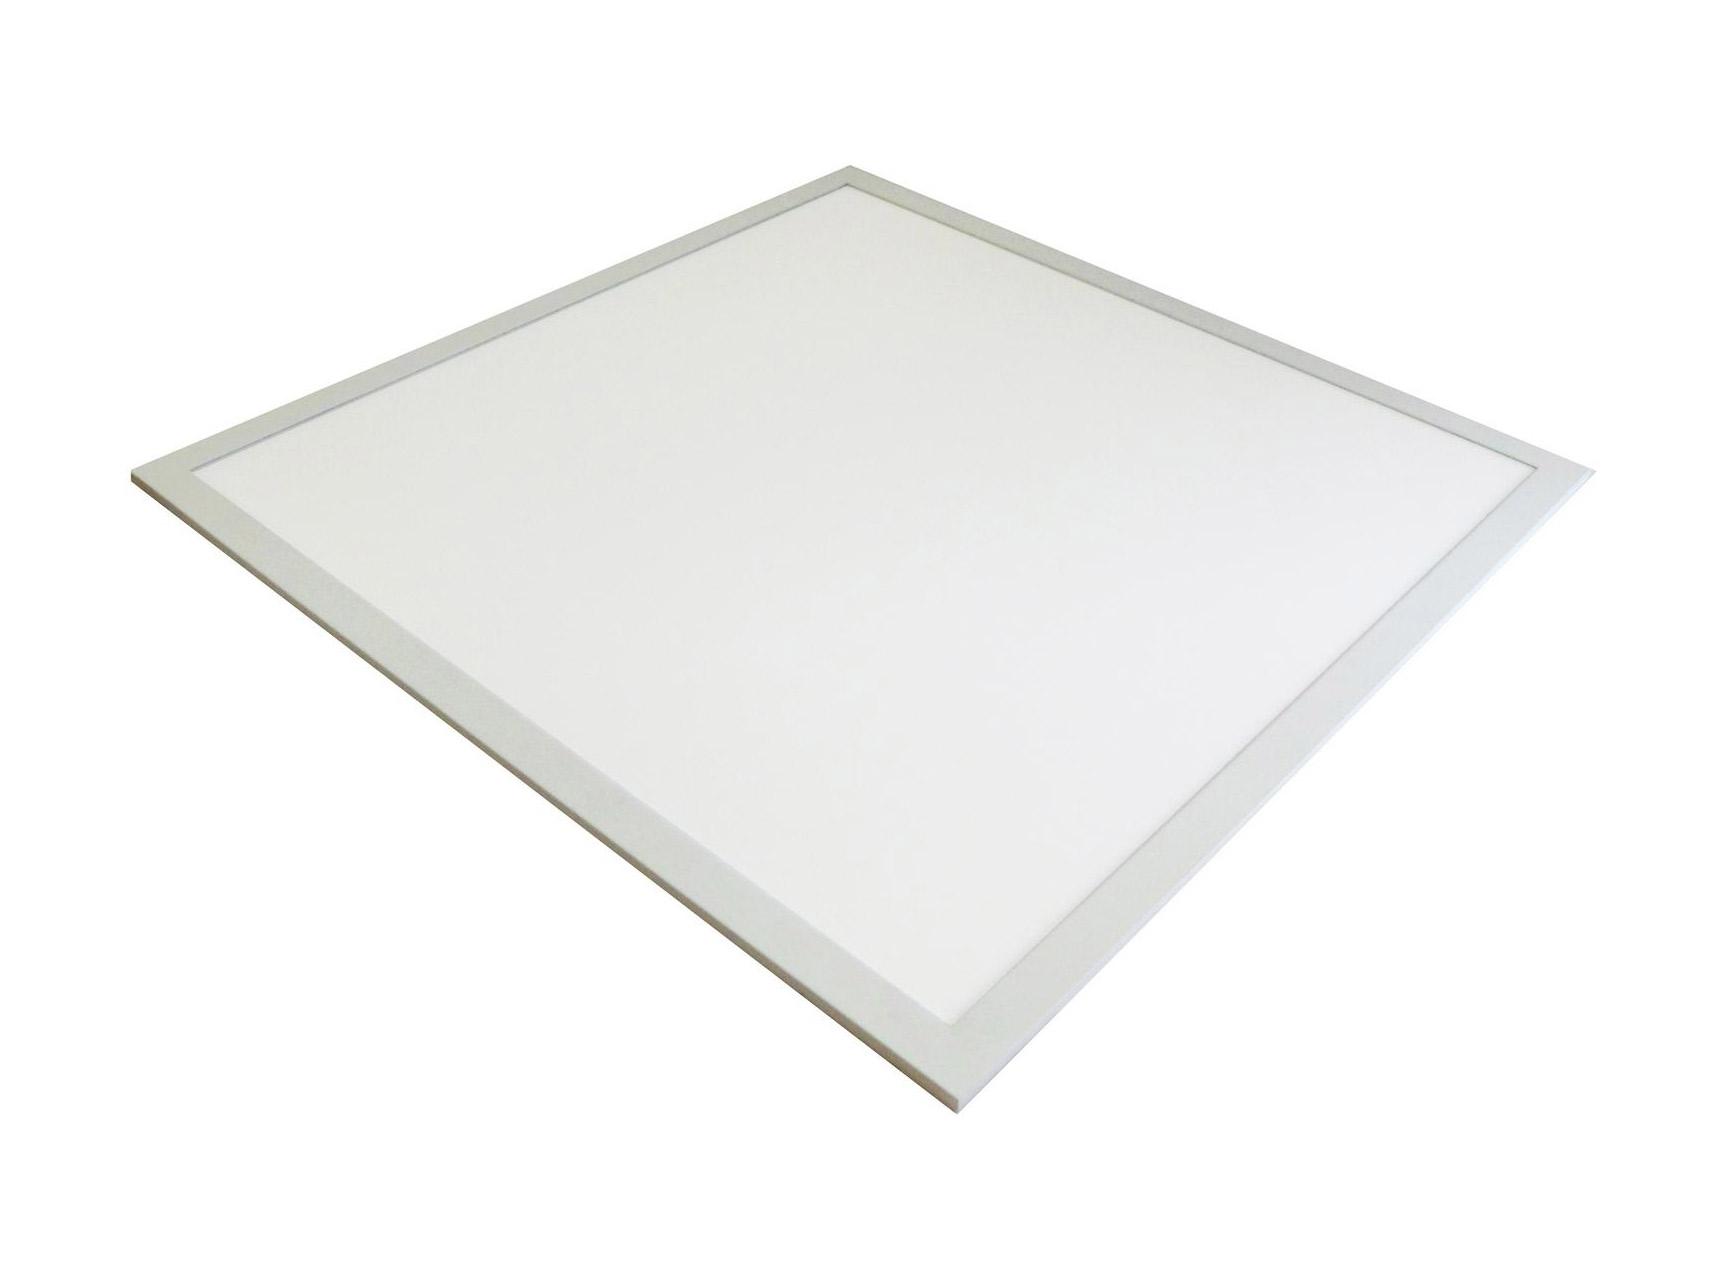 skylite led panels uk led lighting. Black Bedroom Furniture Sets. Home Design Ideas